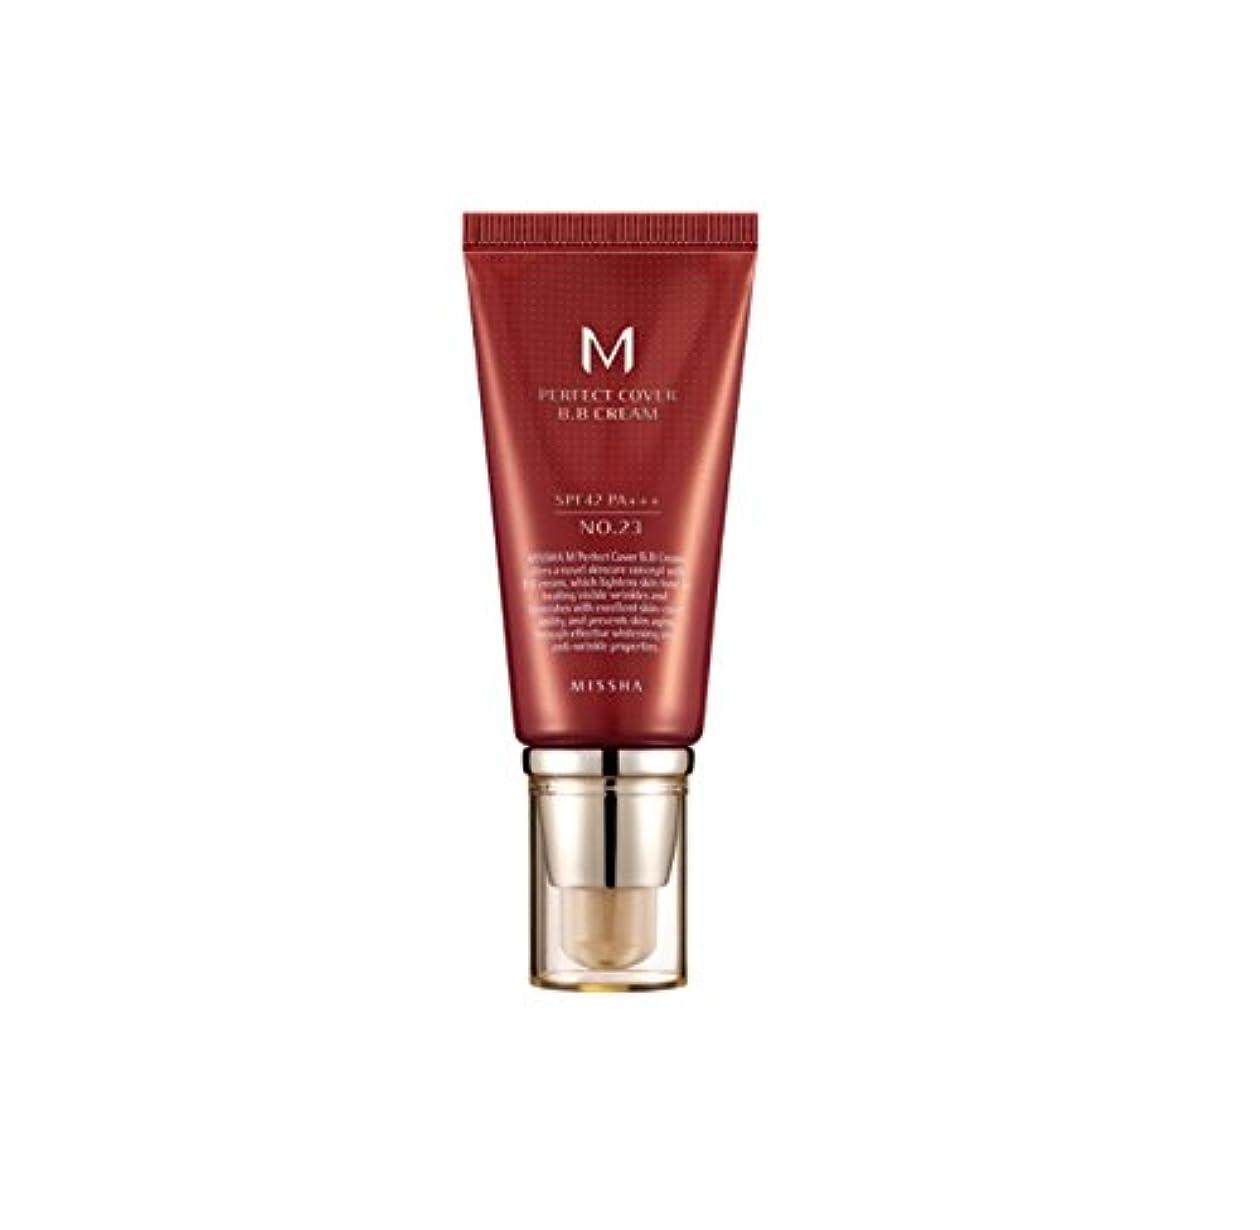 証拠食べる圧縮MISSHA M Perfect Cover BB Cream No.23 Natural Beige SPF42 PA+++ (50ml)